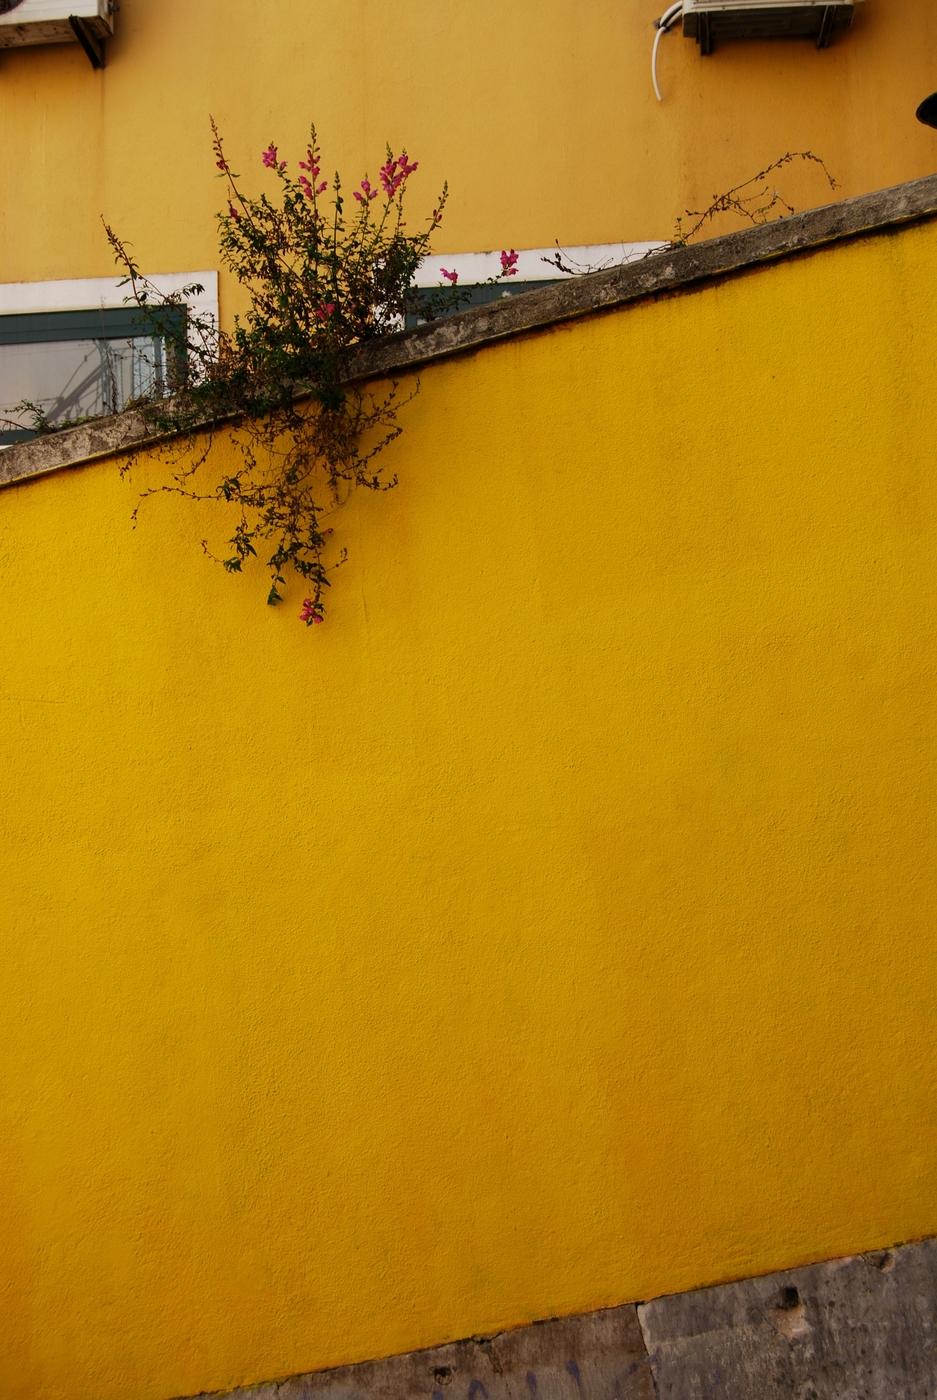 Yellow_2018_Lissabon.jpg